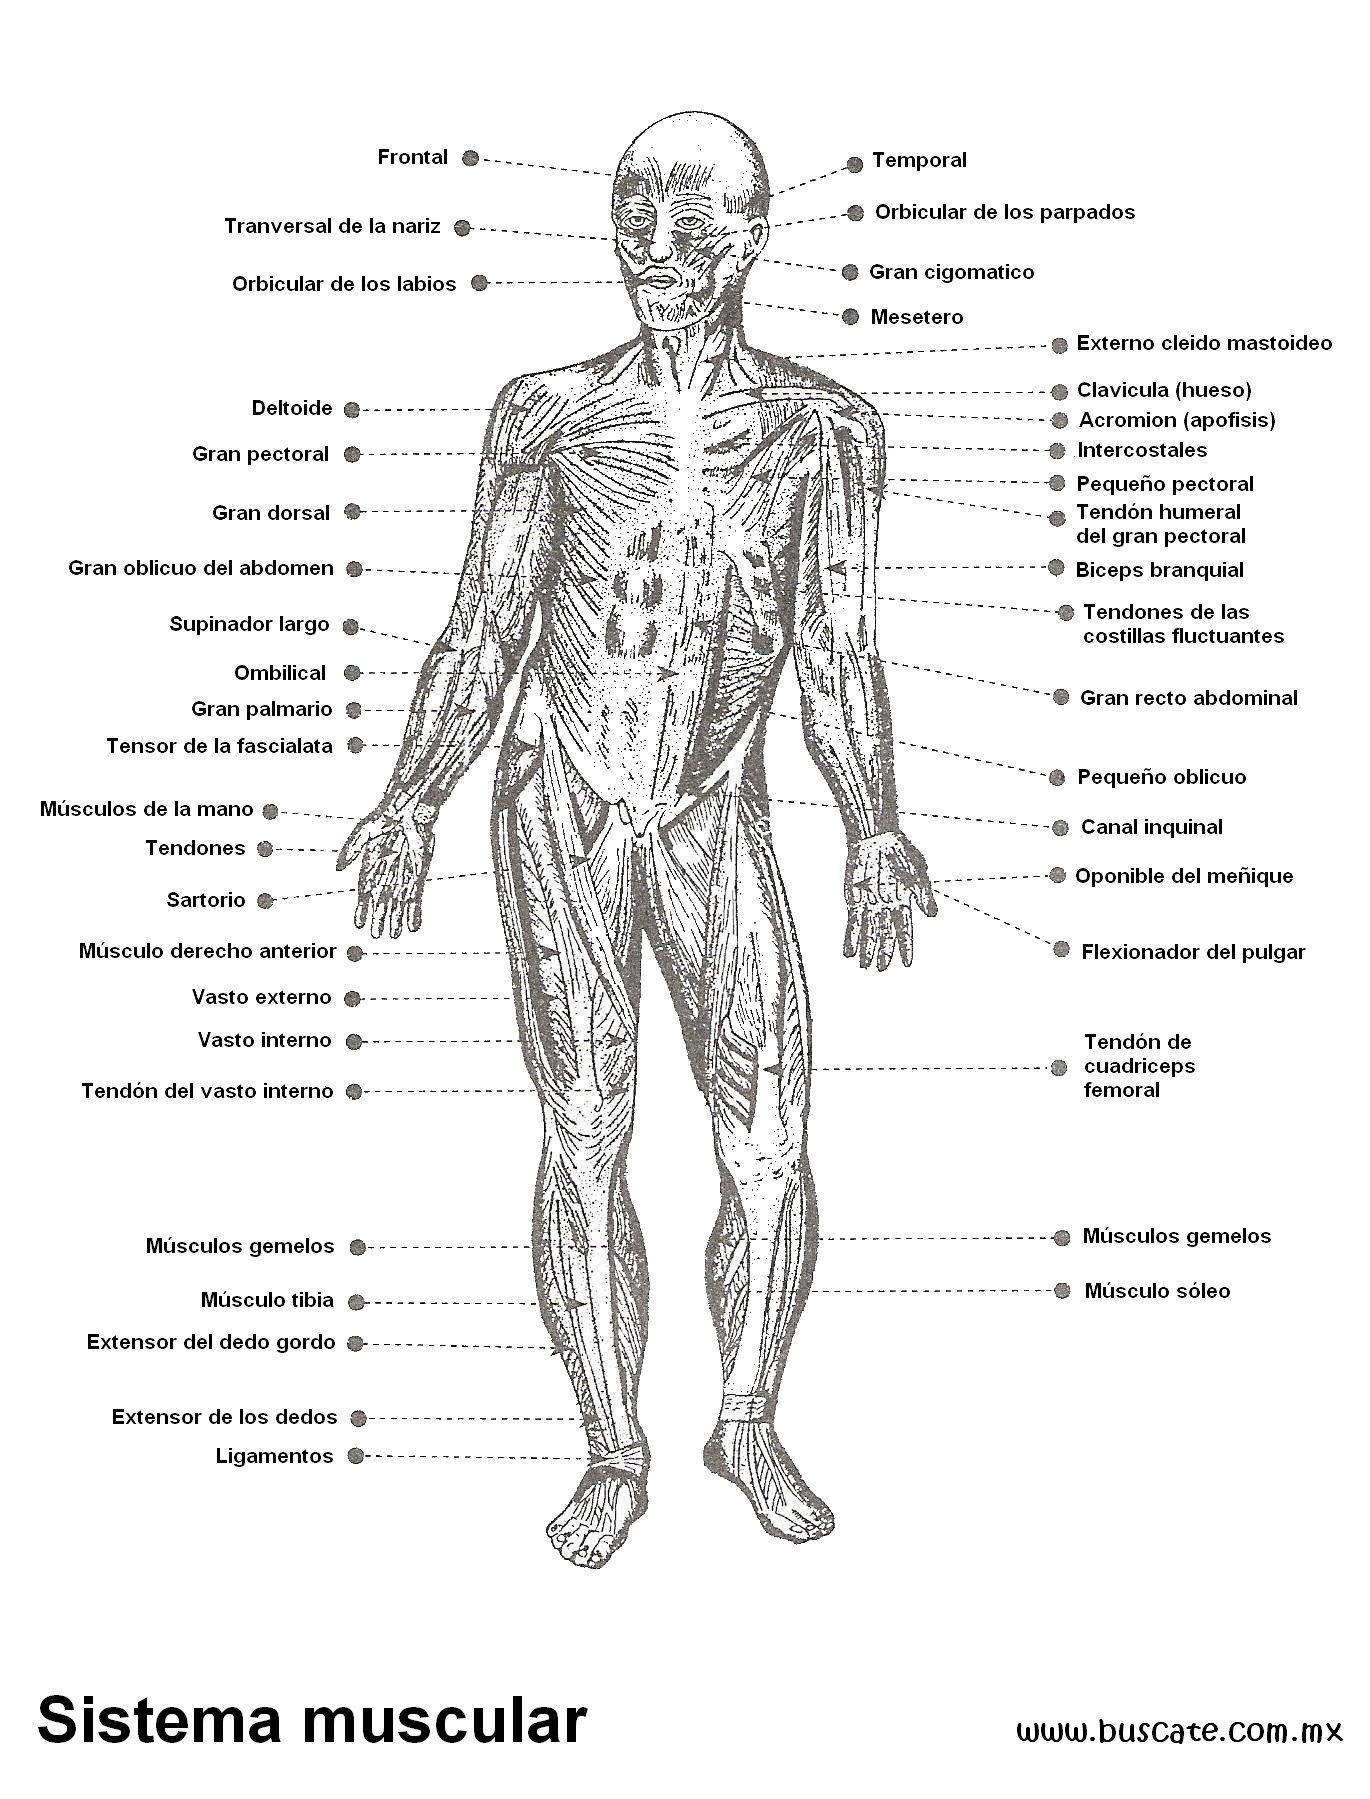 Esquema del sistema muscular con los nombres de sus partes ...